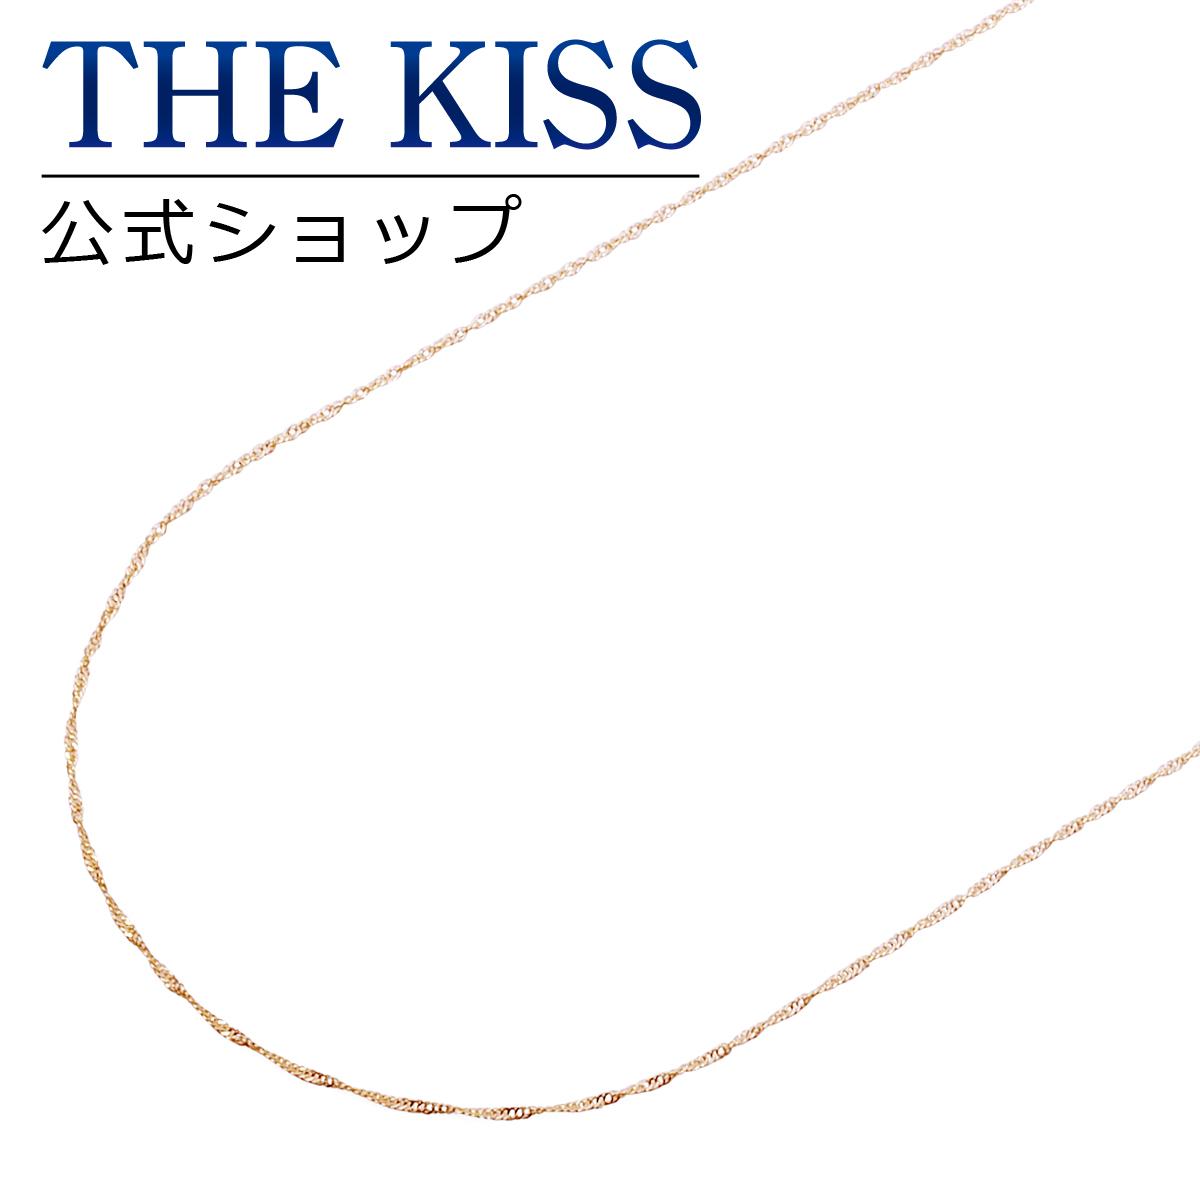 【あす楽対応】【送料無料】【THE KISS sweets】K10ピンクゴールド チェーン 45cm☆